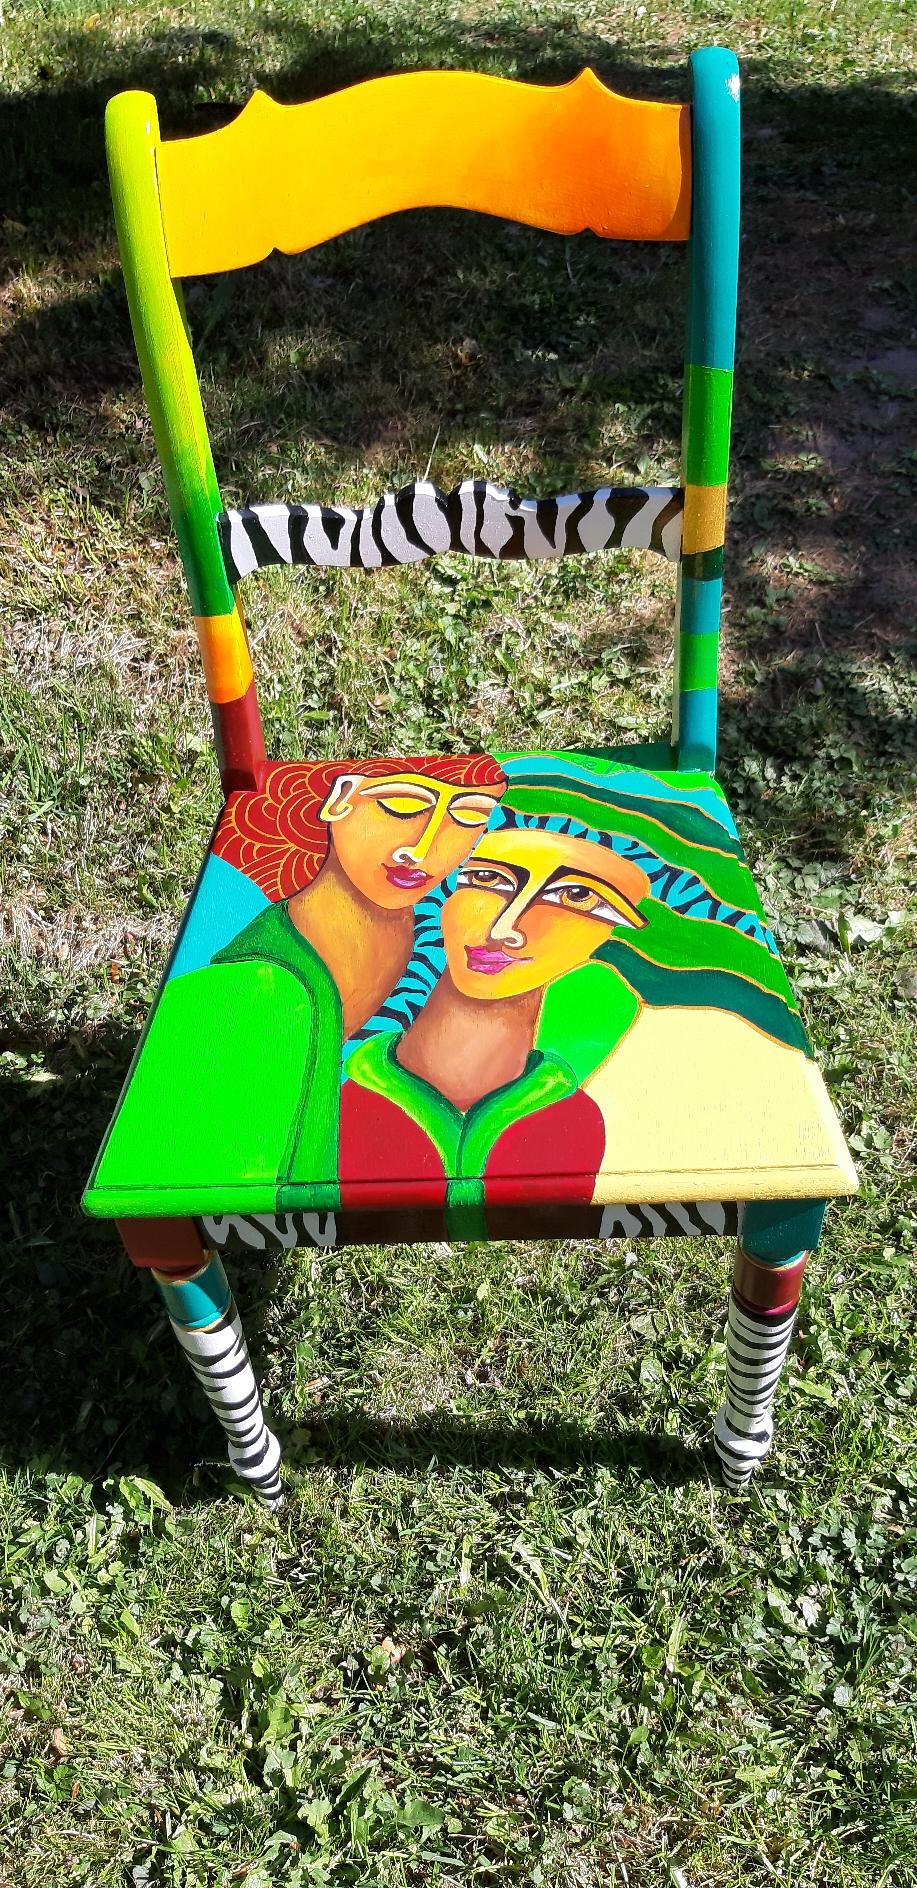 Bemalter Stuhl 250 Euro